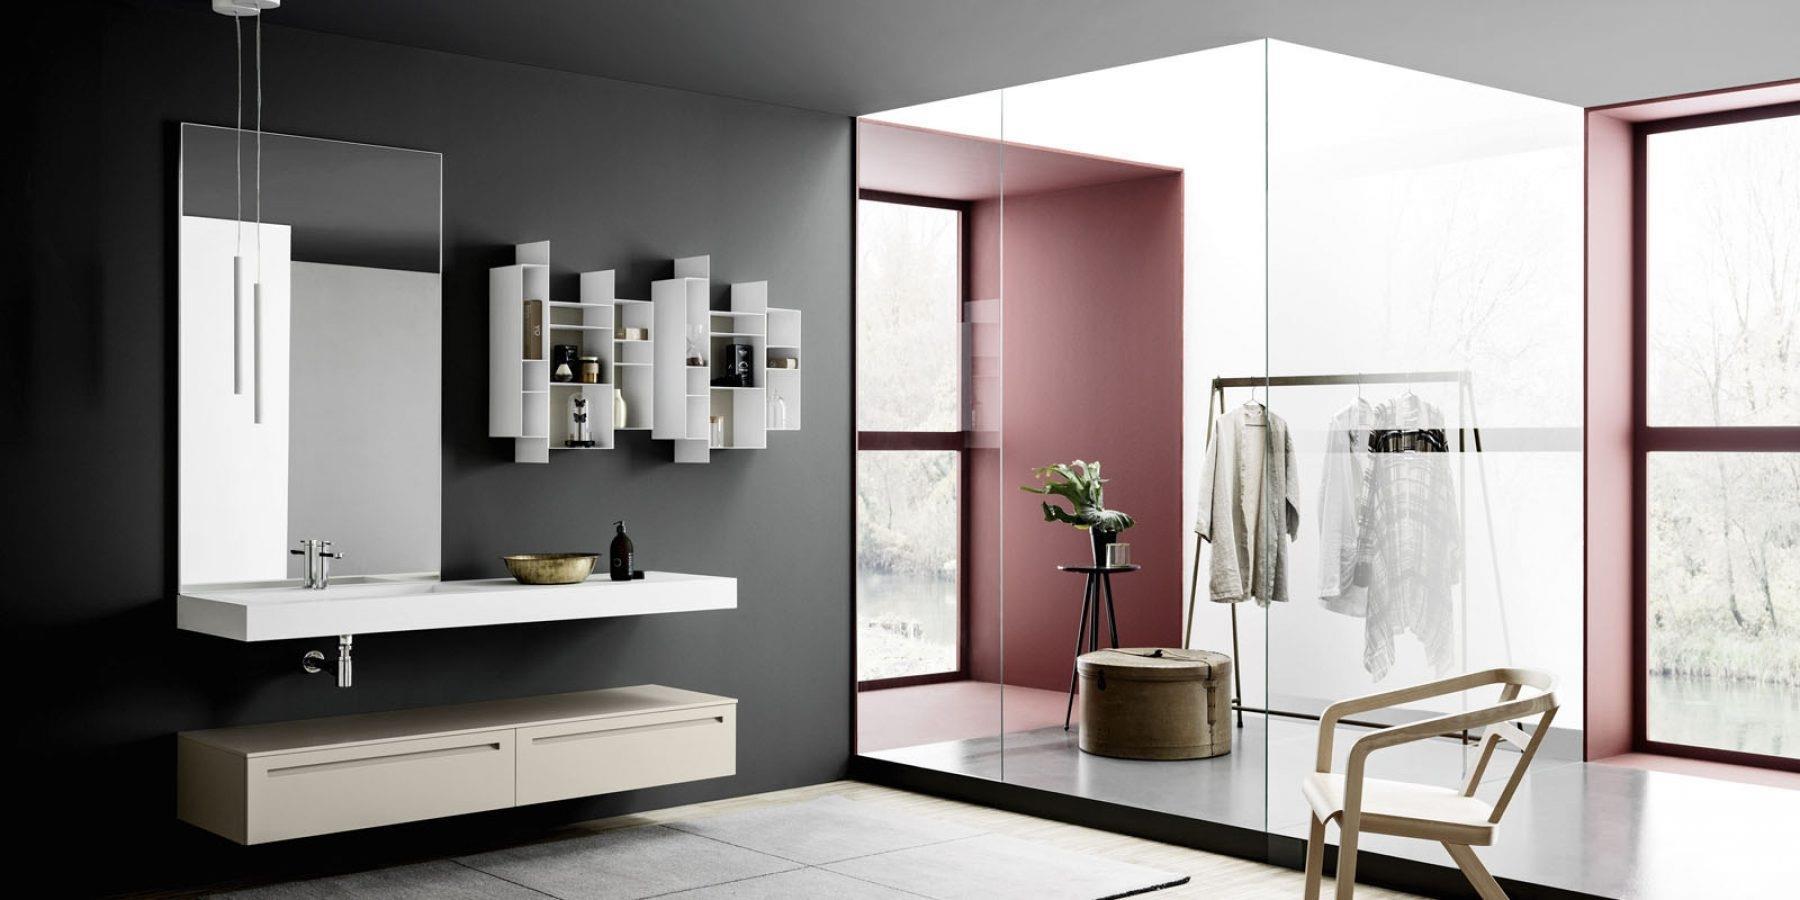 Sanitari arredo bagno alto adige sky mobile da bagno - Arbi mobili bagno ...